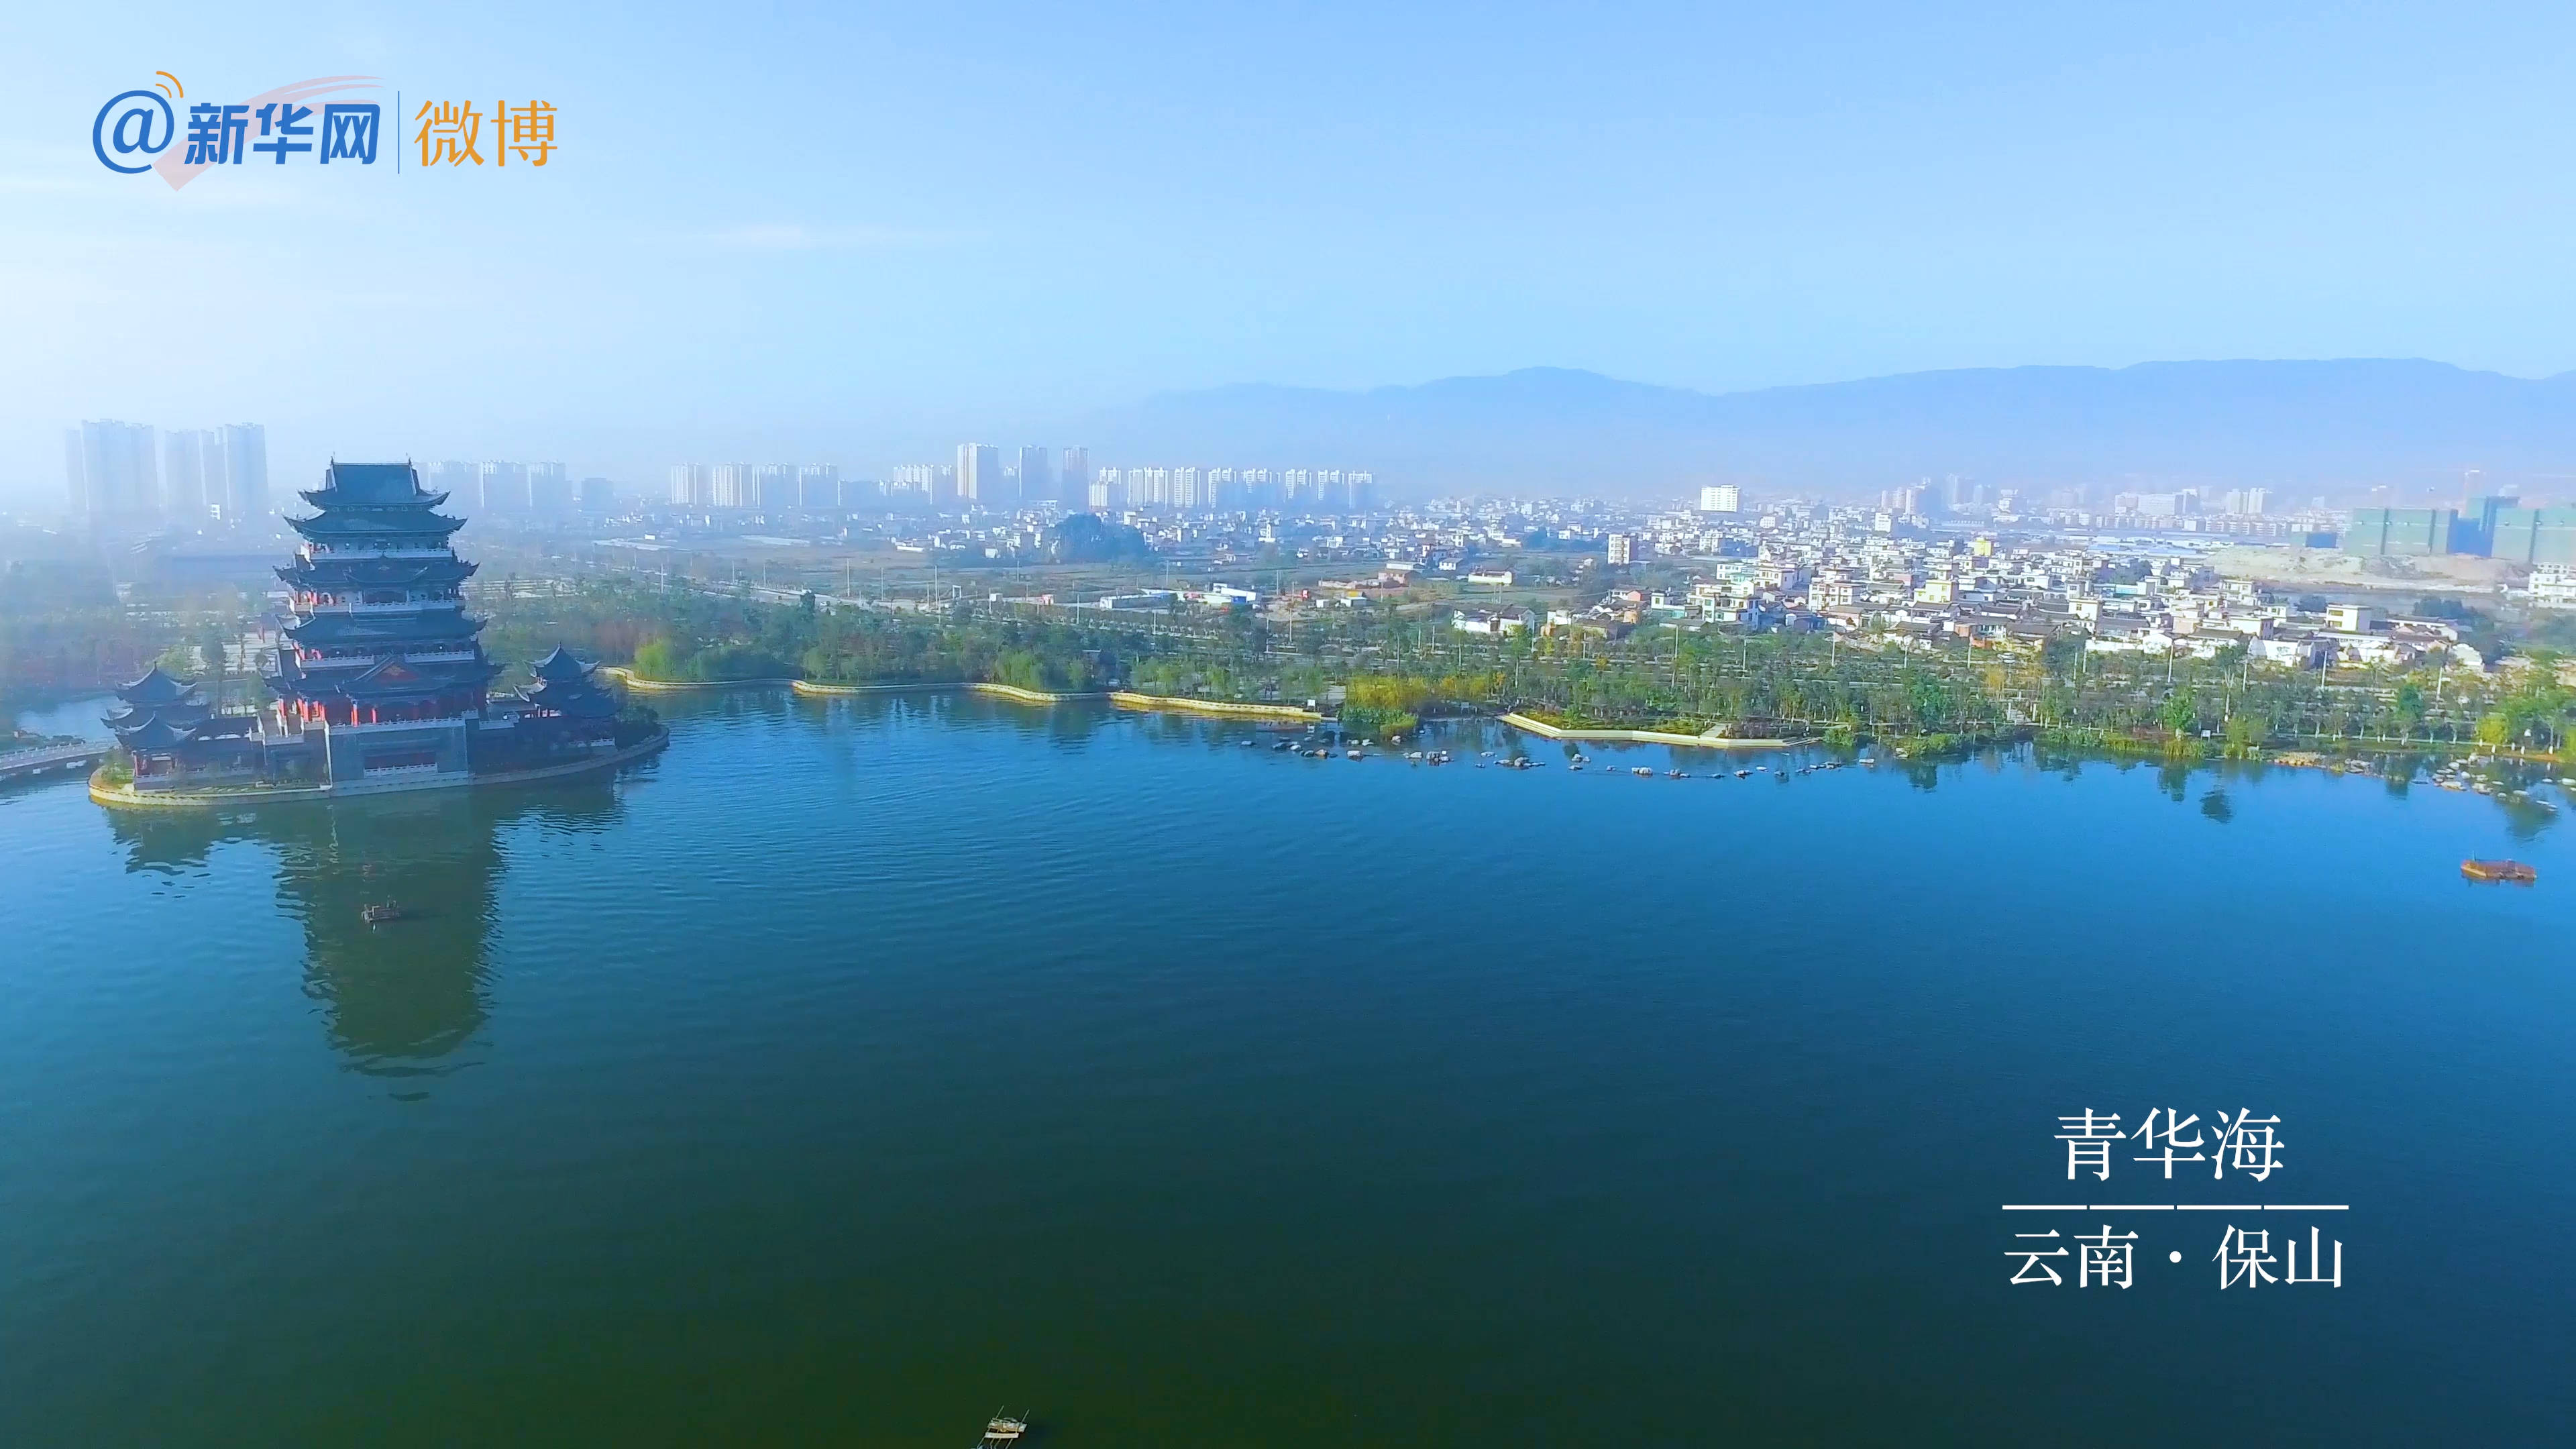 保山青华海:春天里的风景画